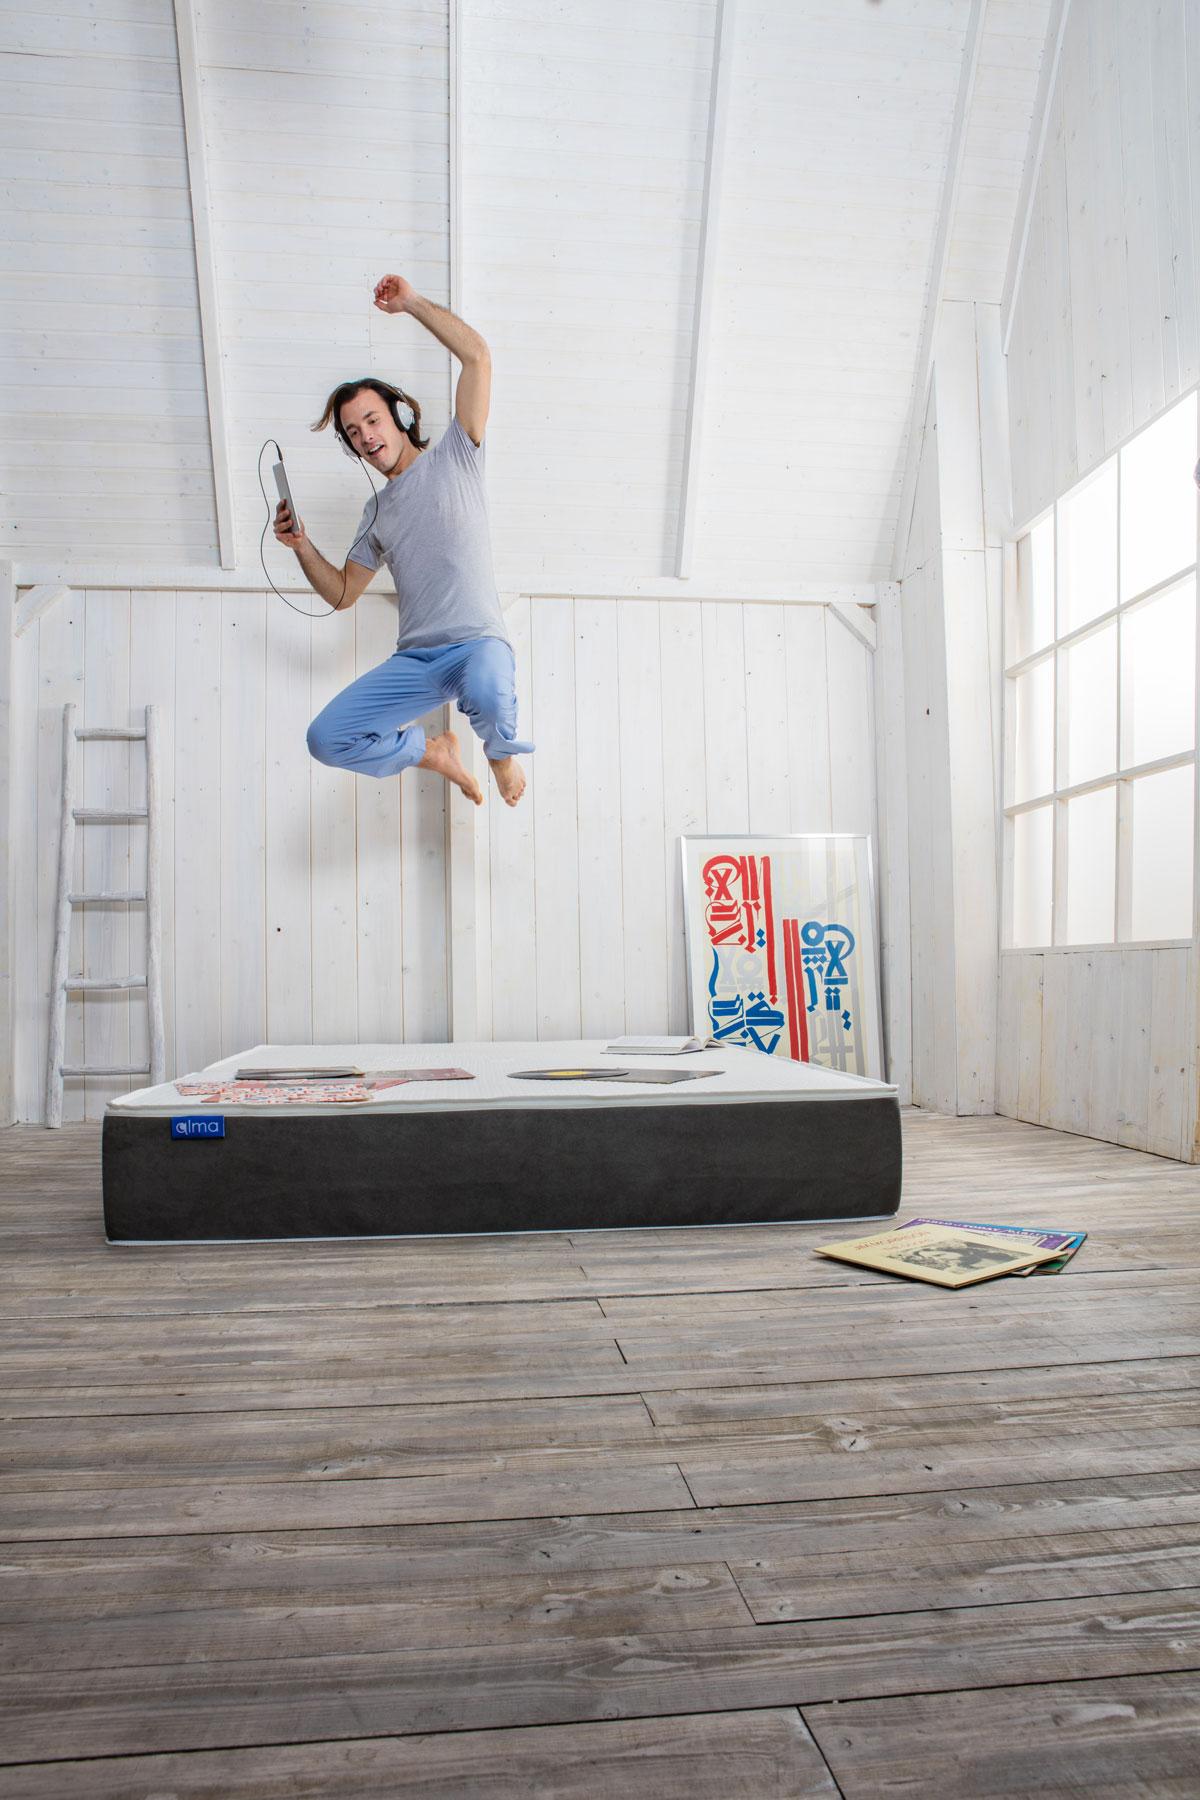 materasso_almabed- saltare sul letto-scegliere letto giusto- confort